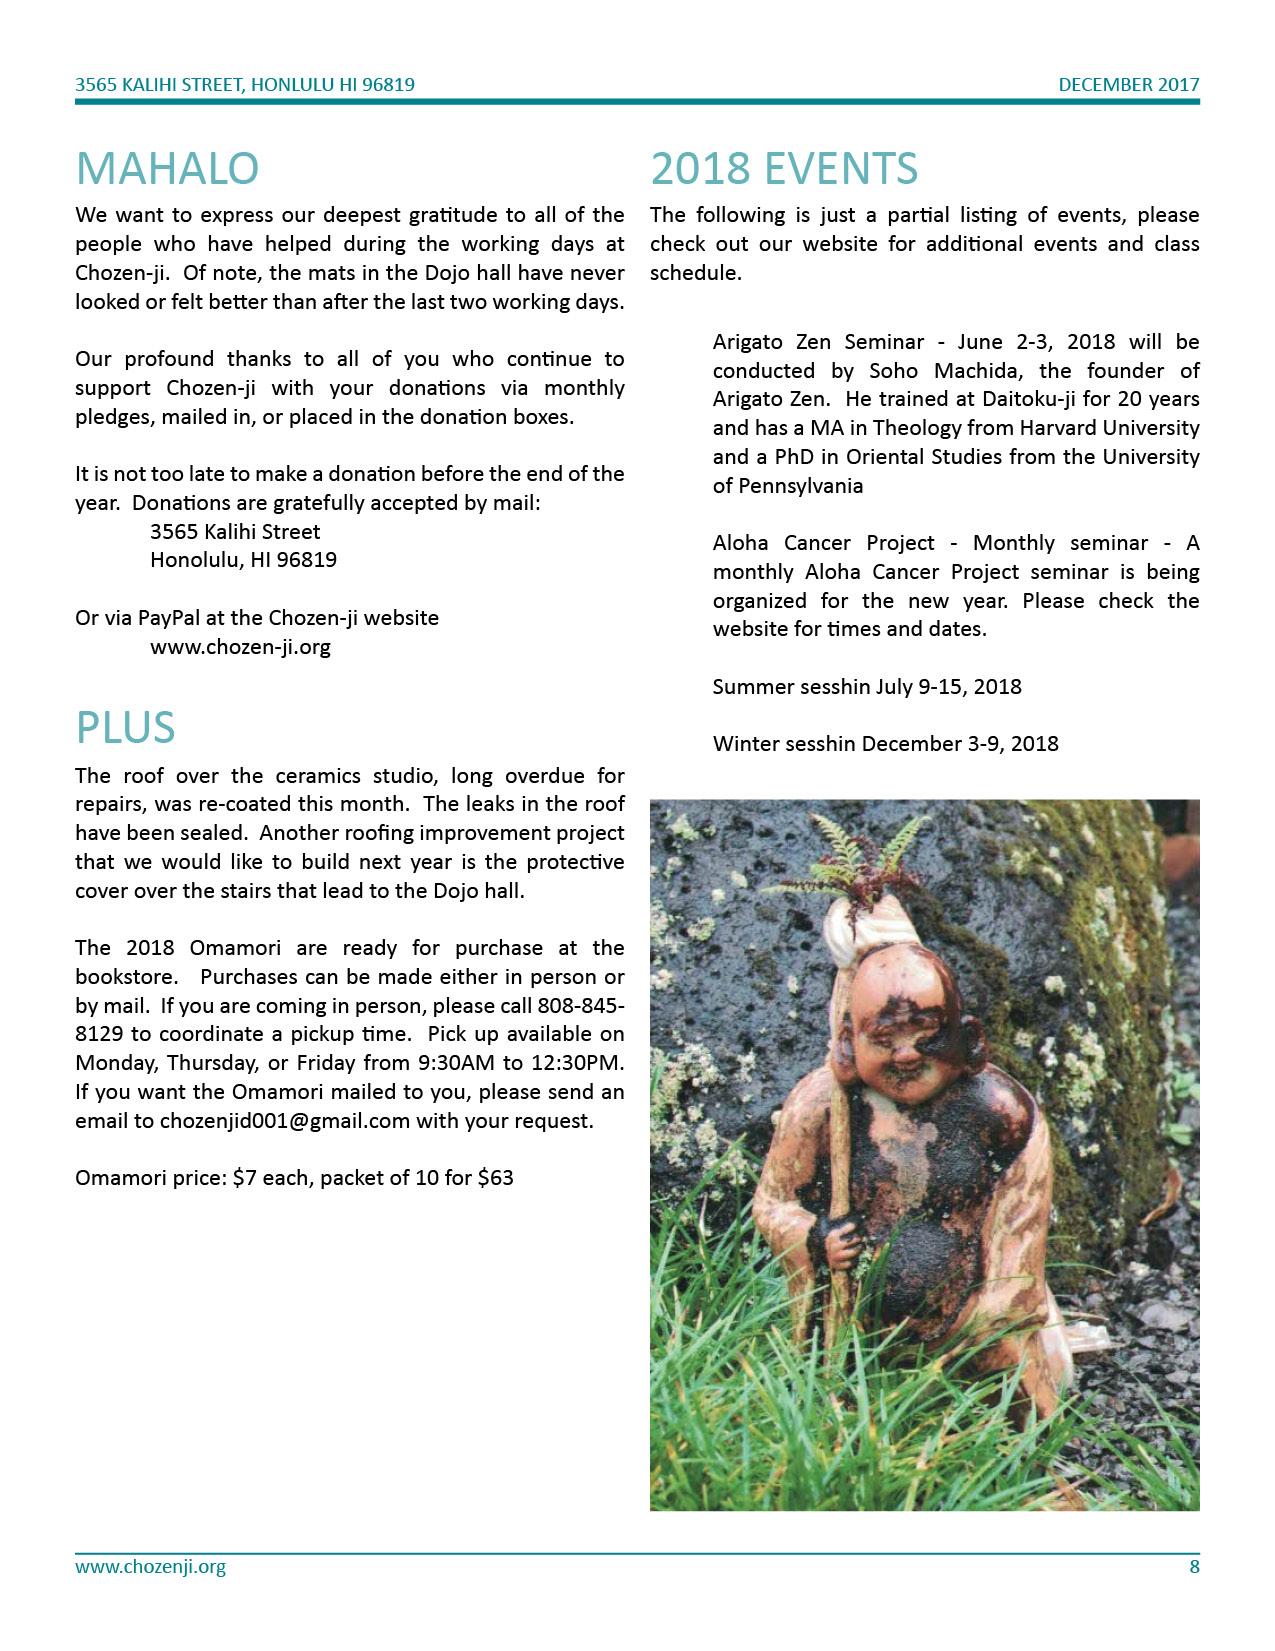 Dojo Newsletter - Winter 2017 8.jpg